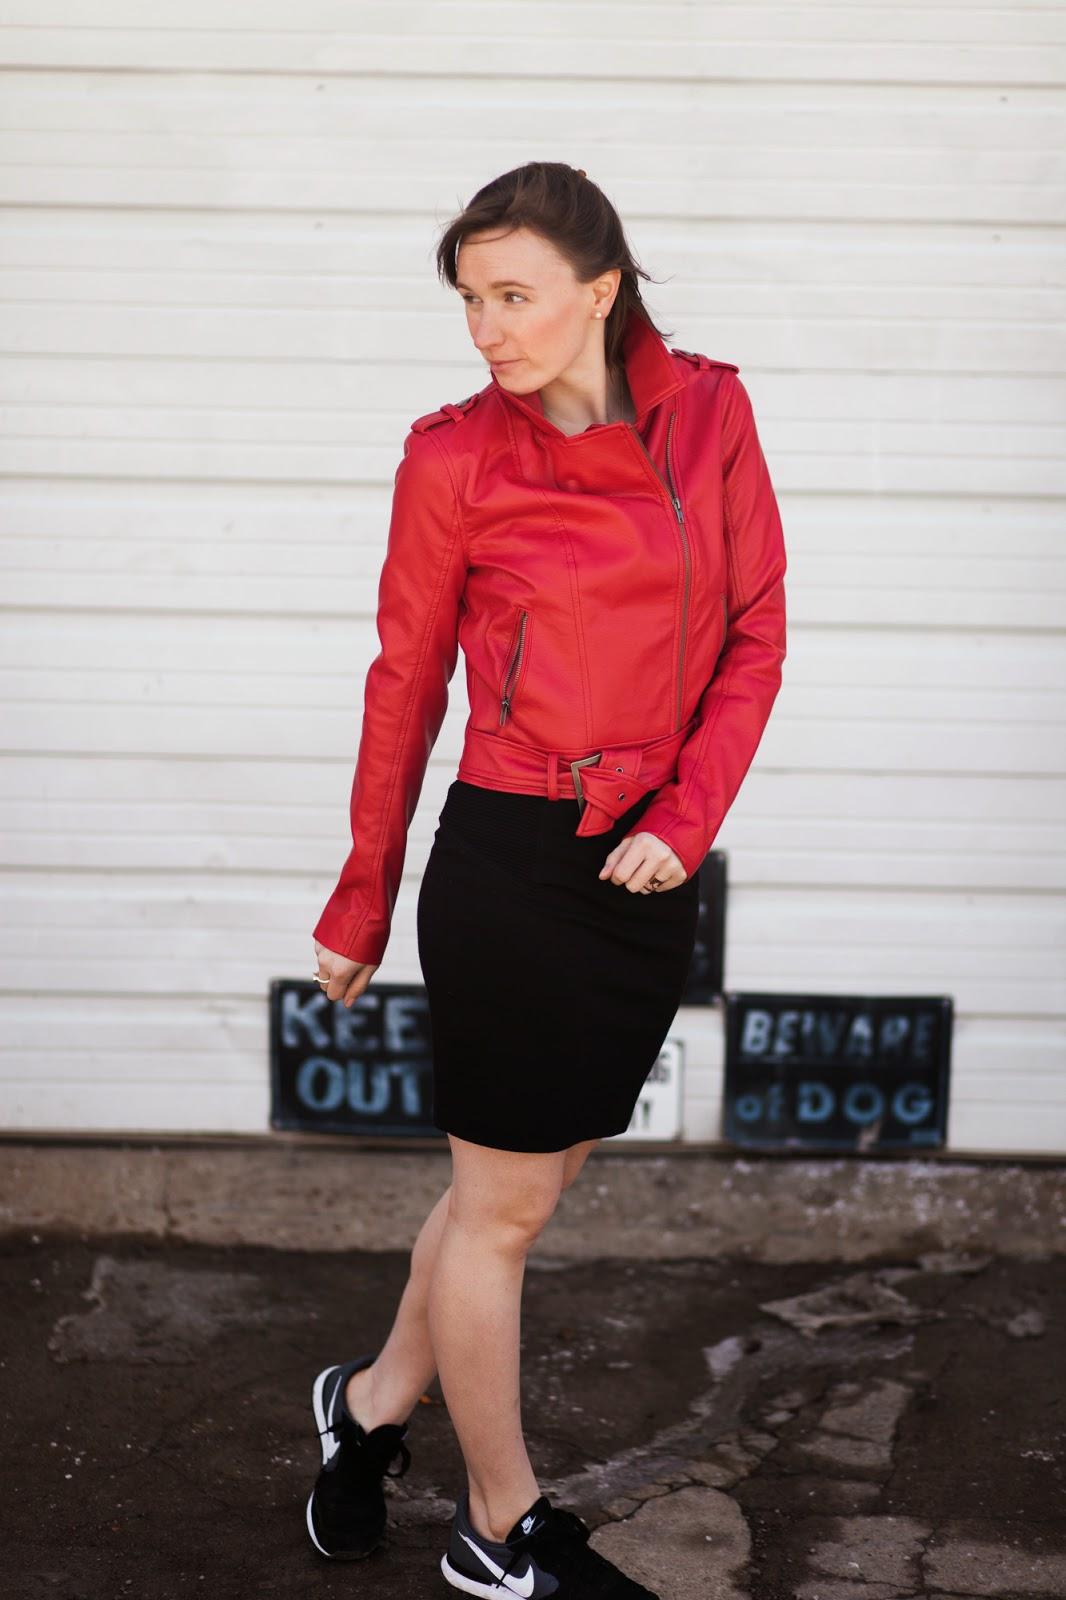 Red Leather Jacket, Black Skirt, Fashion Blogger, Stilettoed to Steeltoed, Nike